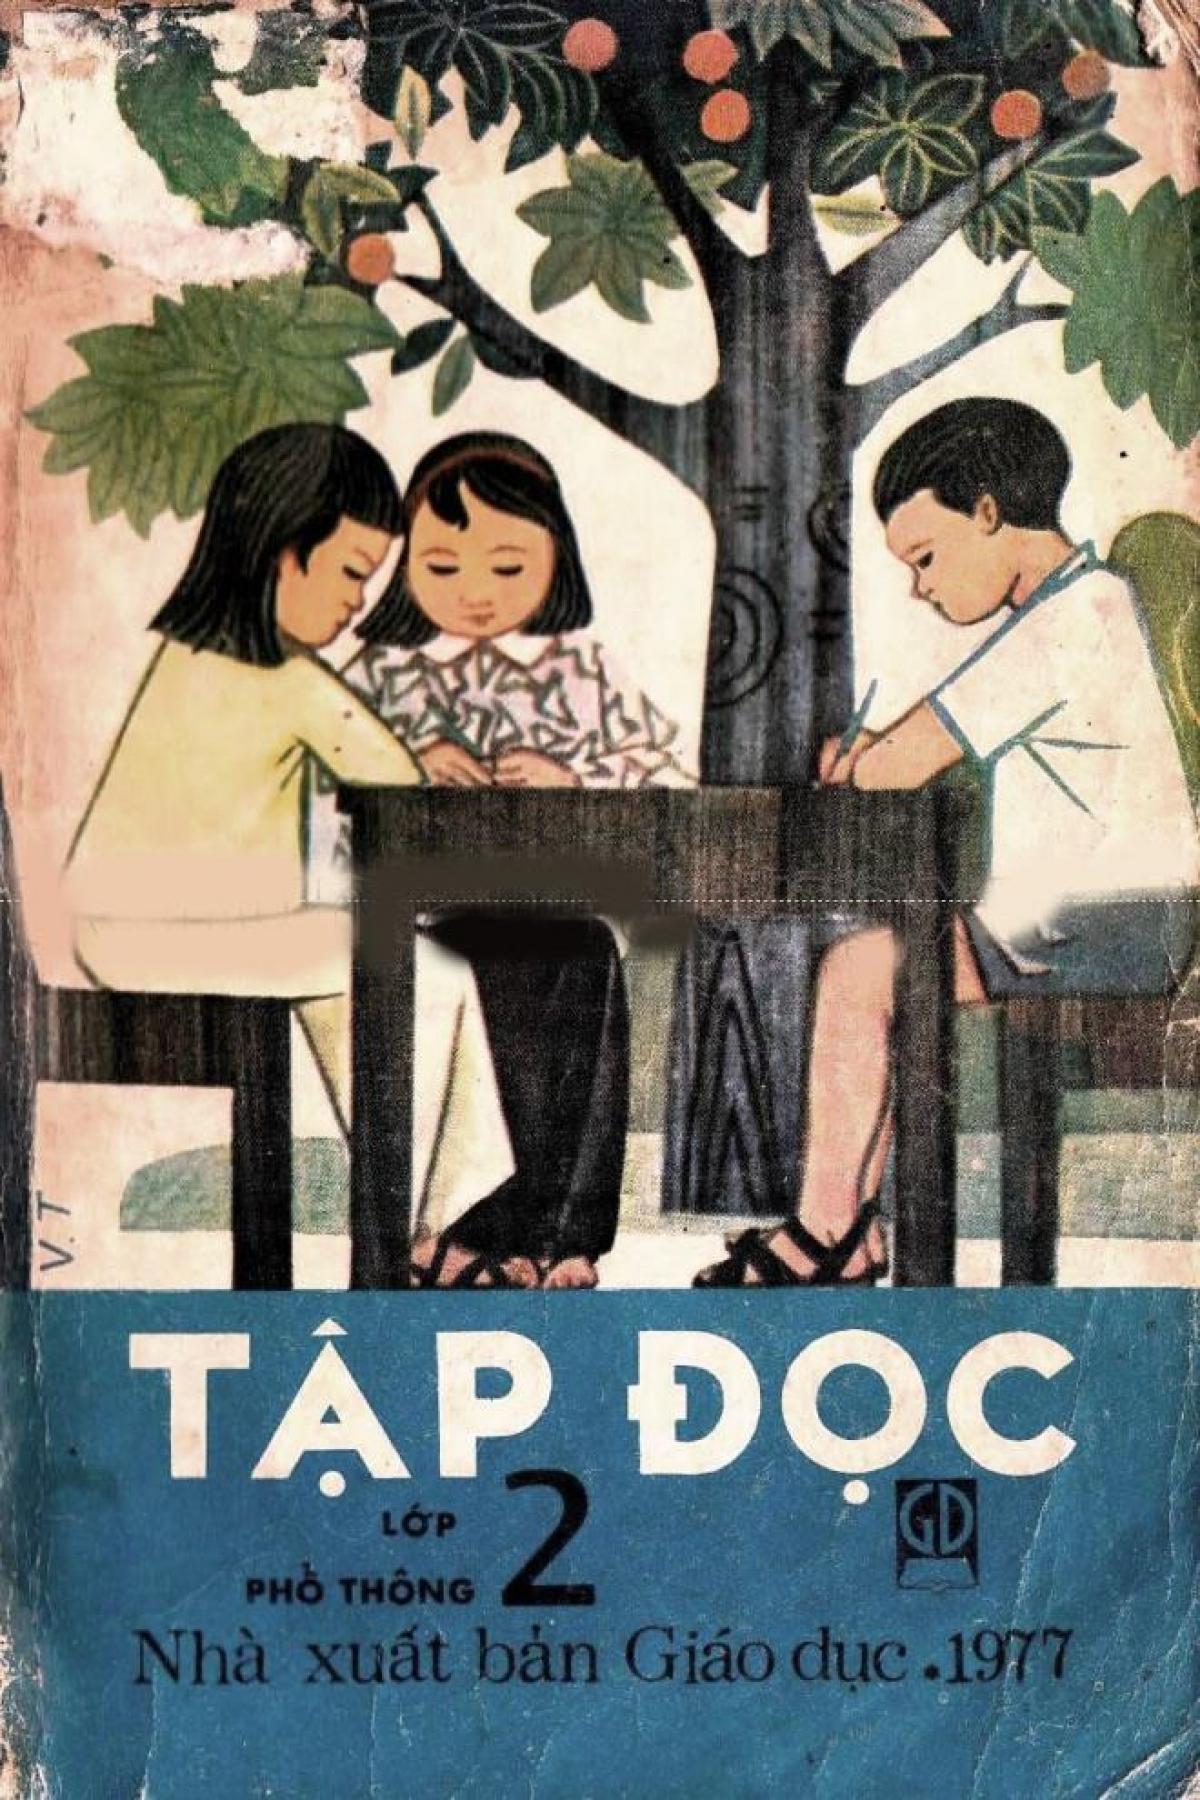 Riêng thập kỷ 1970 (sau khi thống nhất đất nước), môn học tương ứng với môn Tiếng Việt hiện nay ở lớp 5 trở xuống đều gọi là Tập đọc.